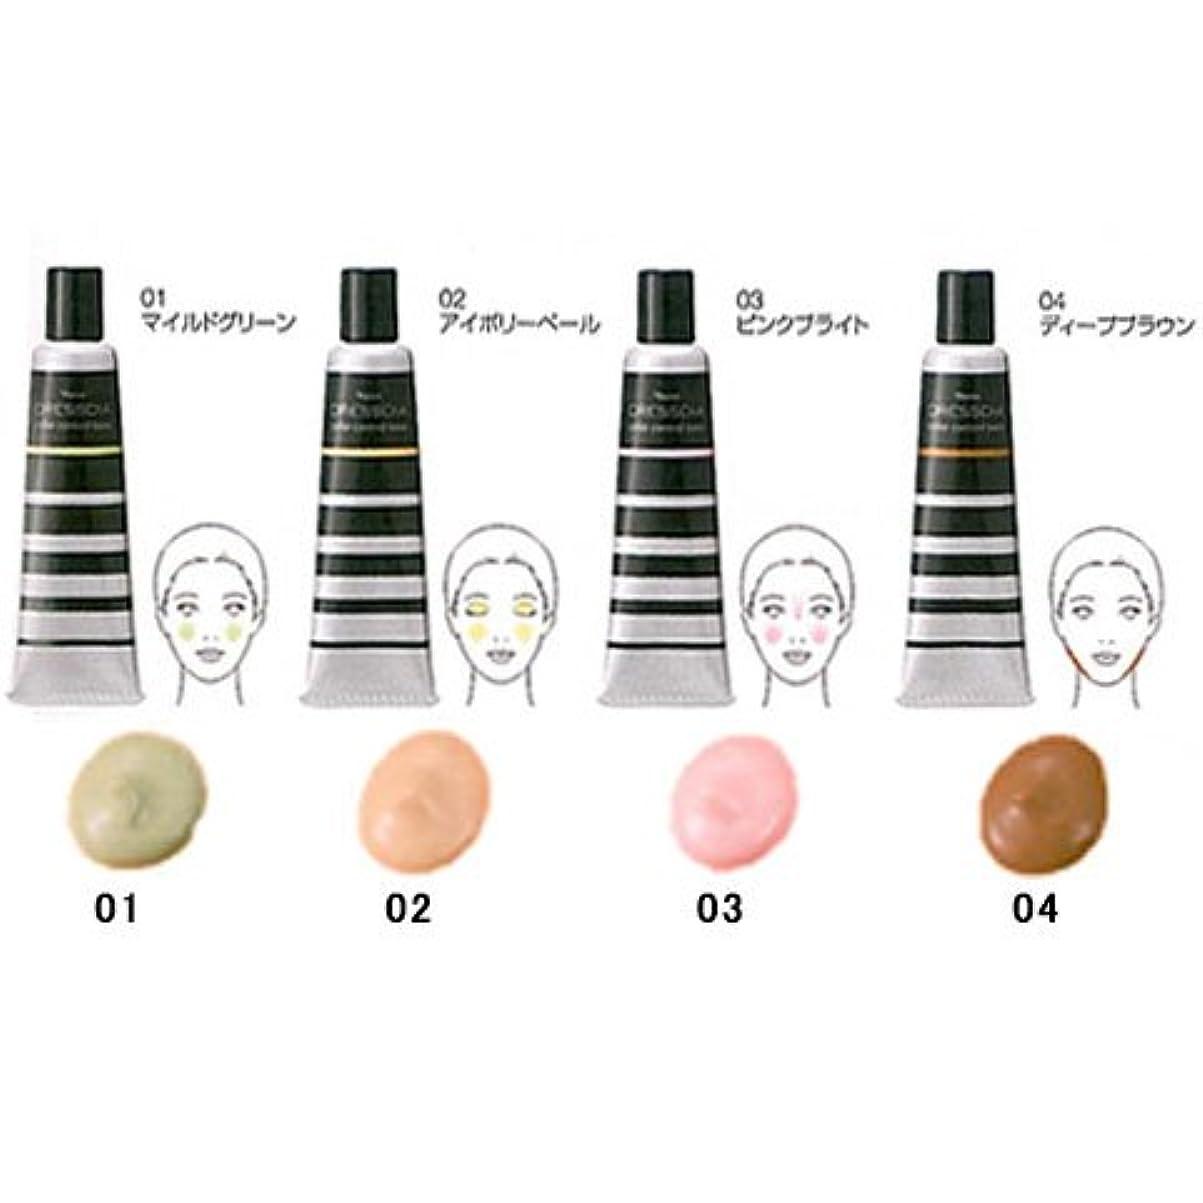 くるみチートフォーラムナリス化粧品 ドレスディア カラーコントロールベース部分用 化粧下地 20g 04 ディープブラウン